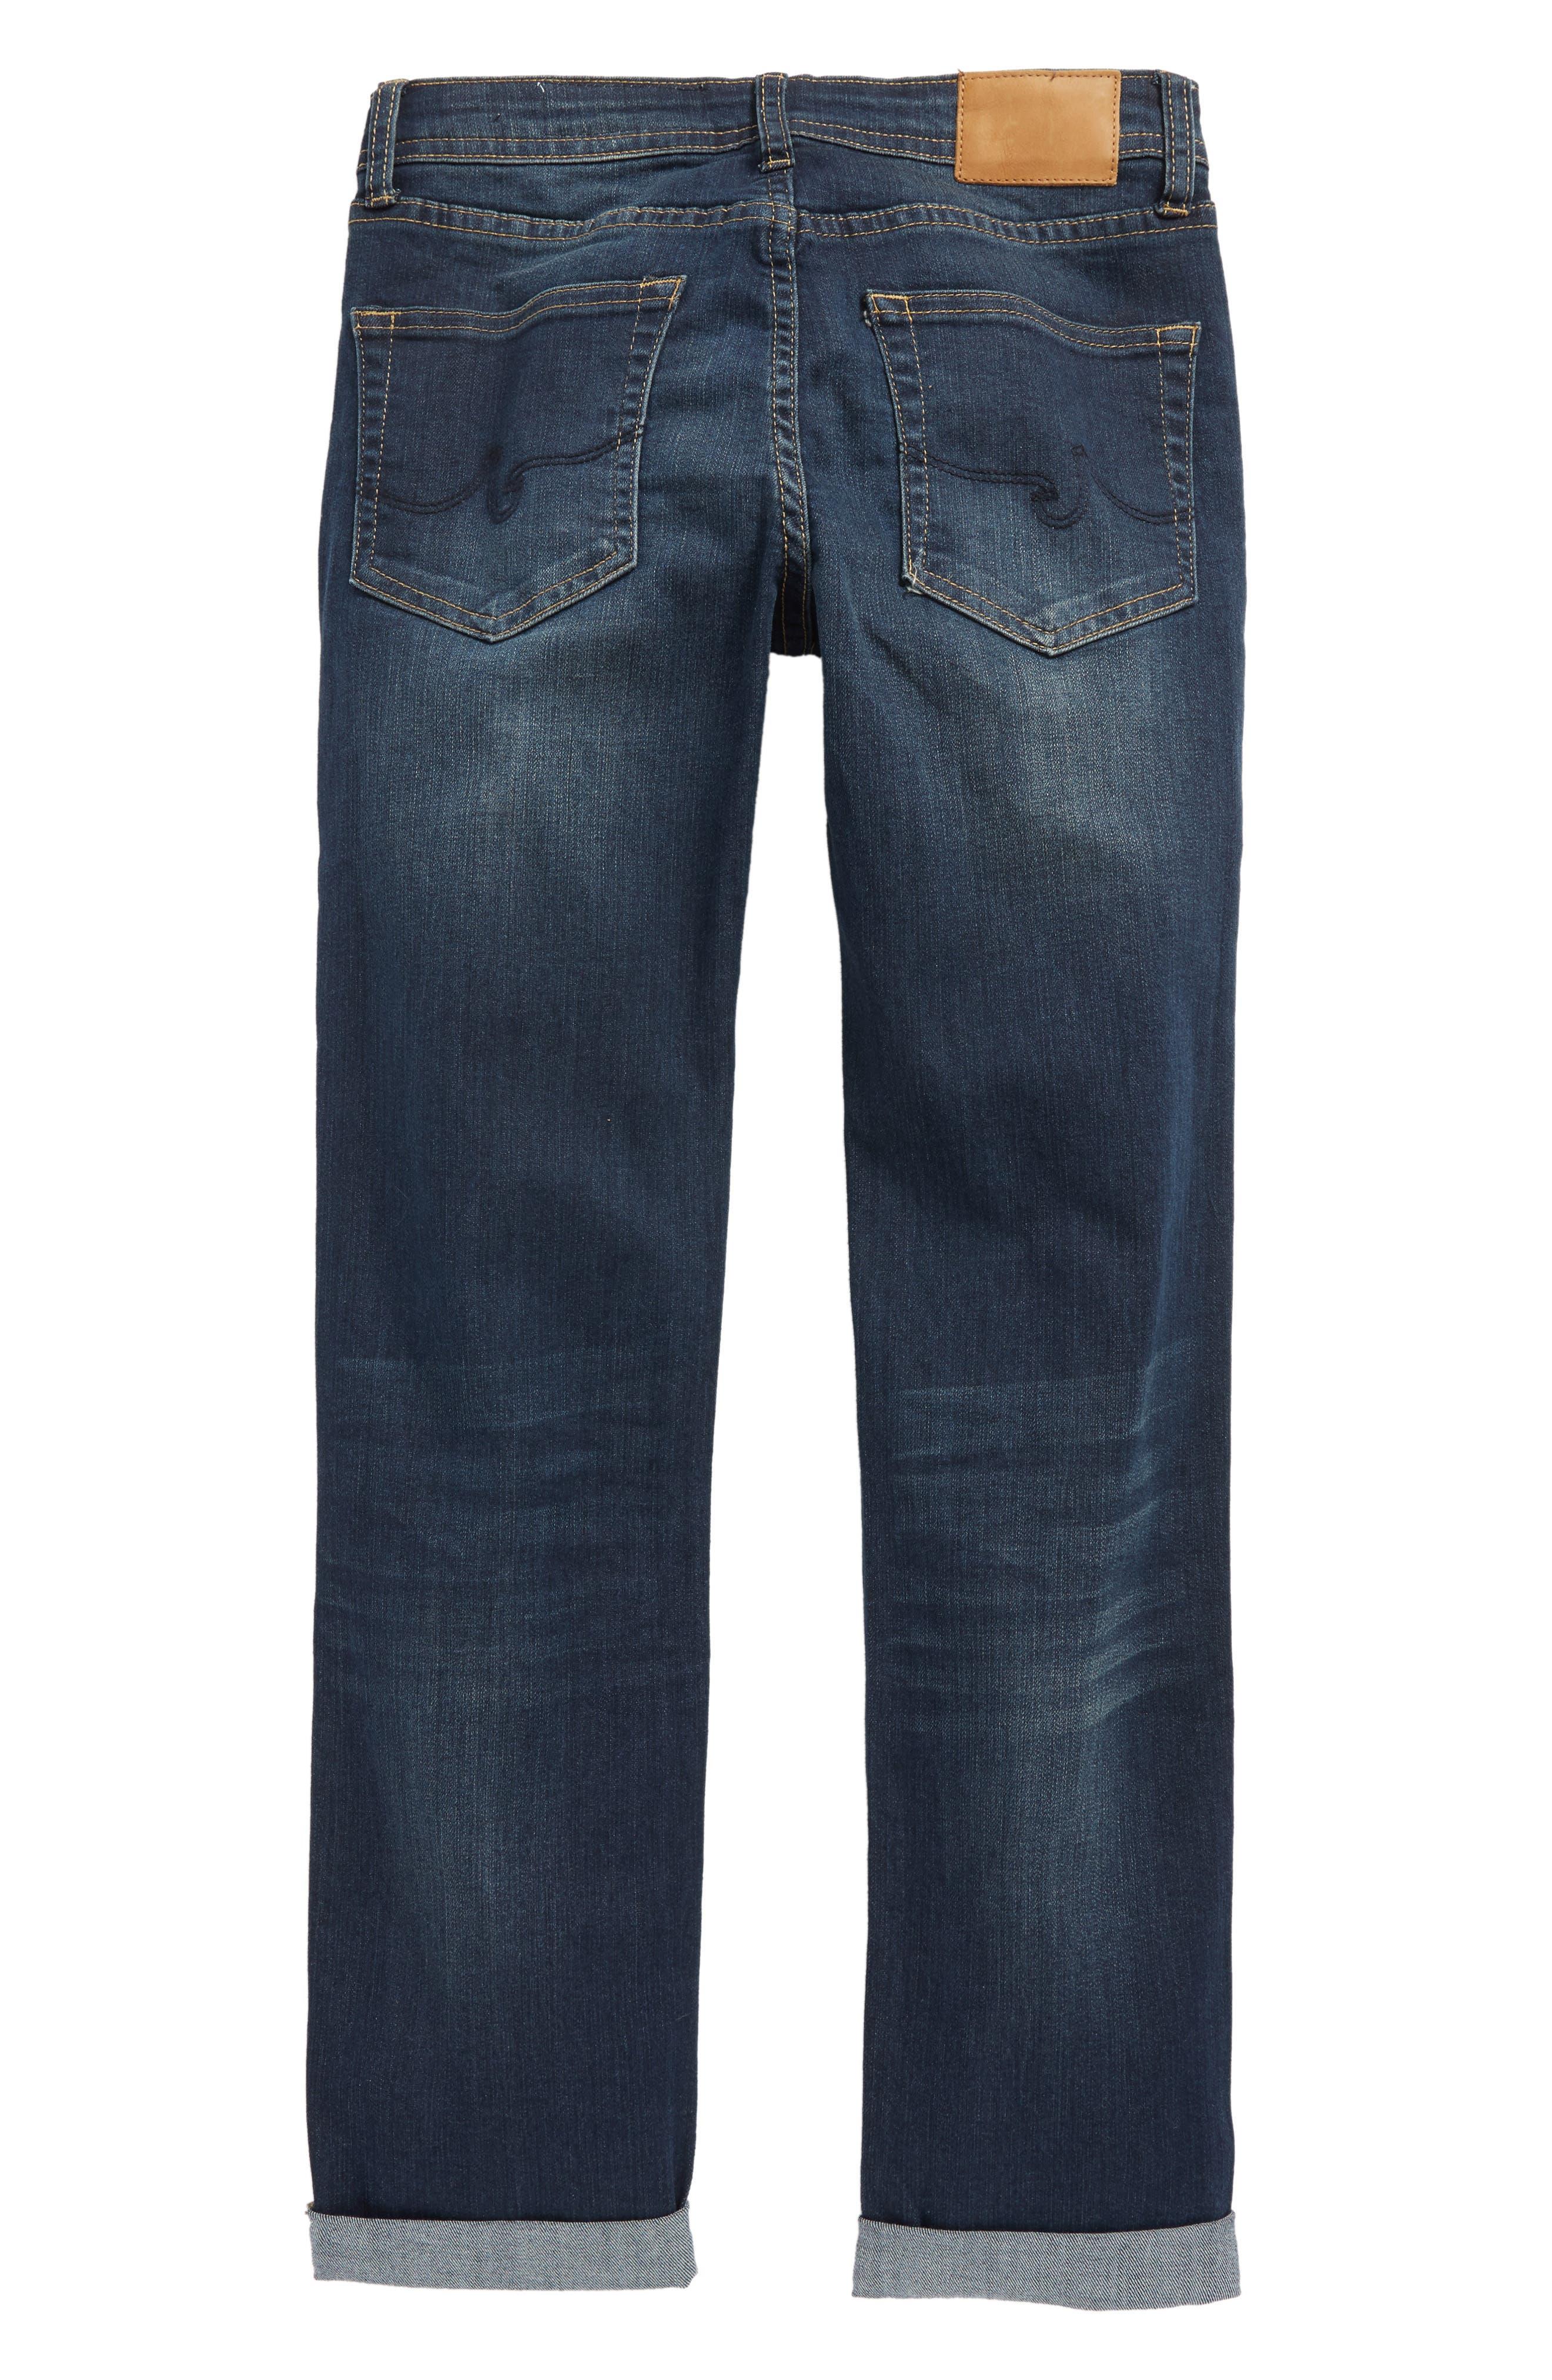 AG The James Slim Straight Leg Jeans,                             Alternate thumbnail 2, color,